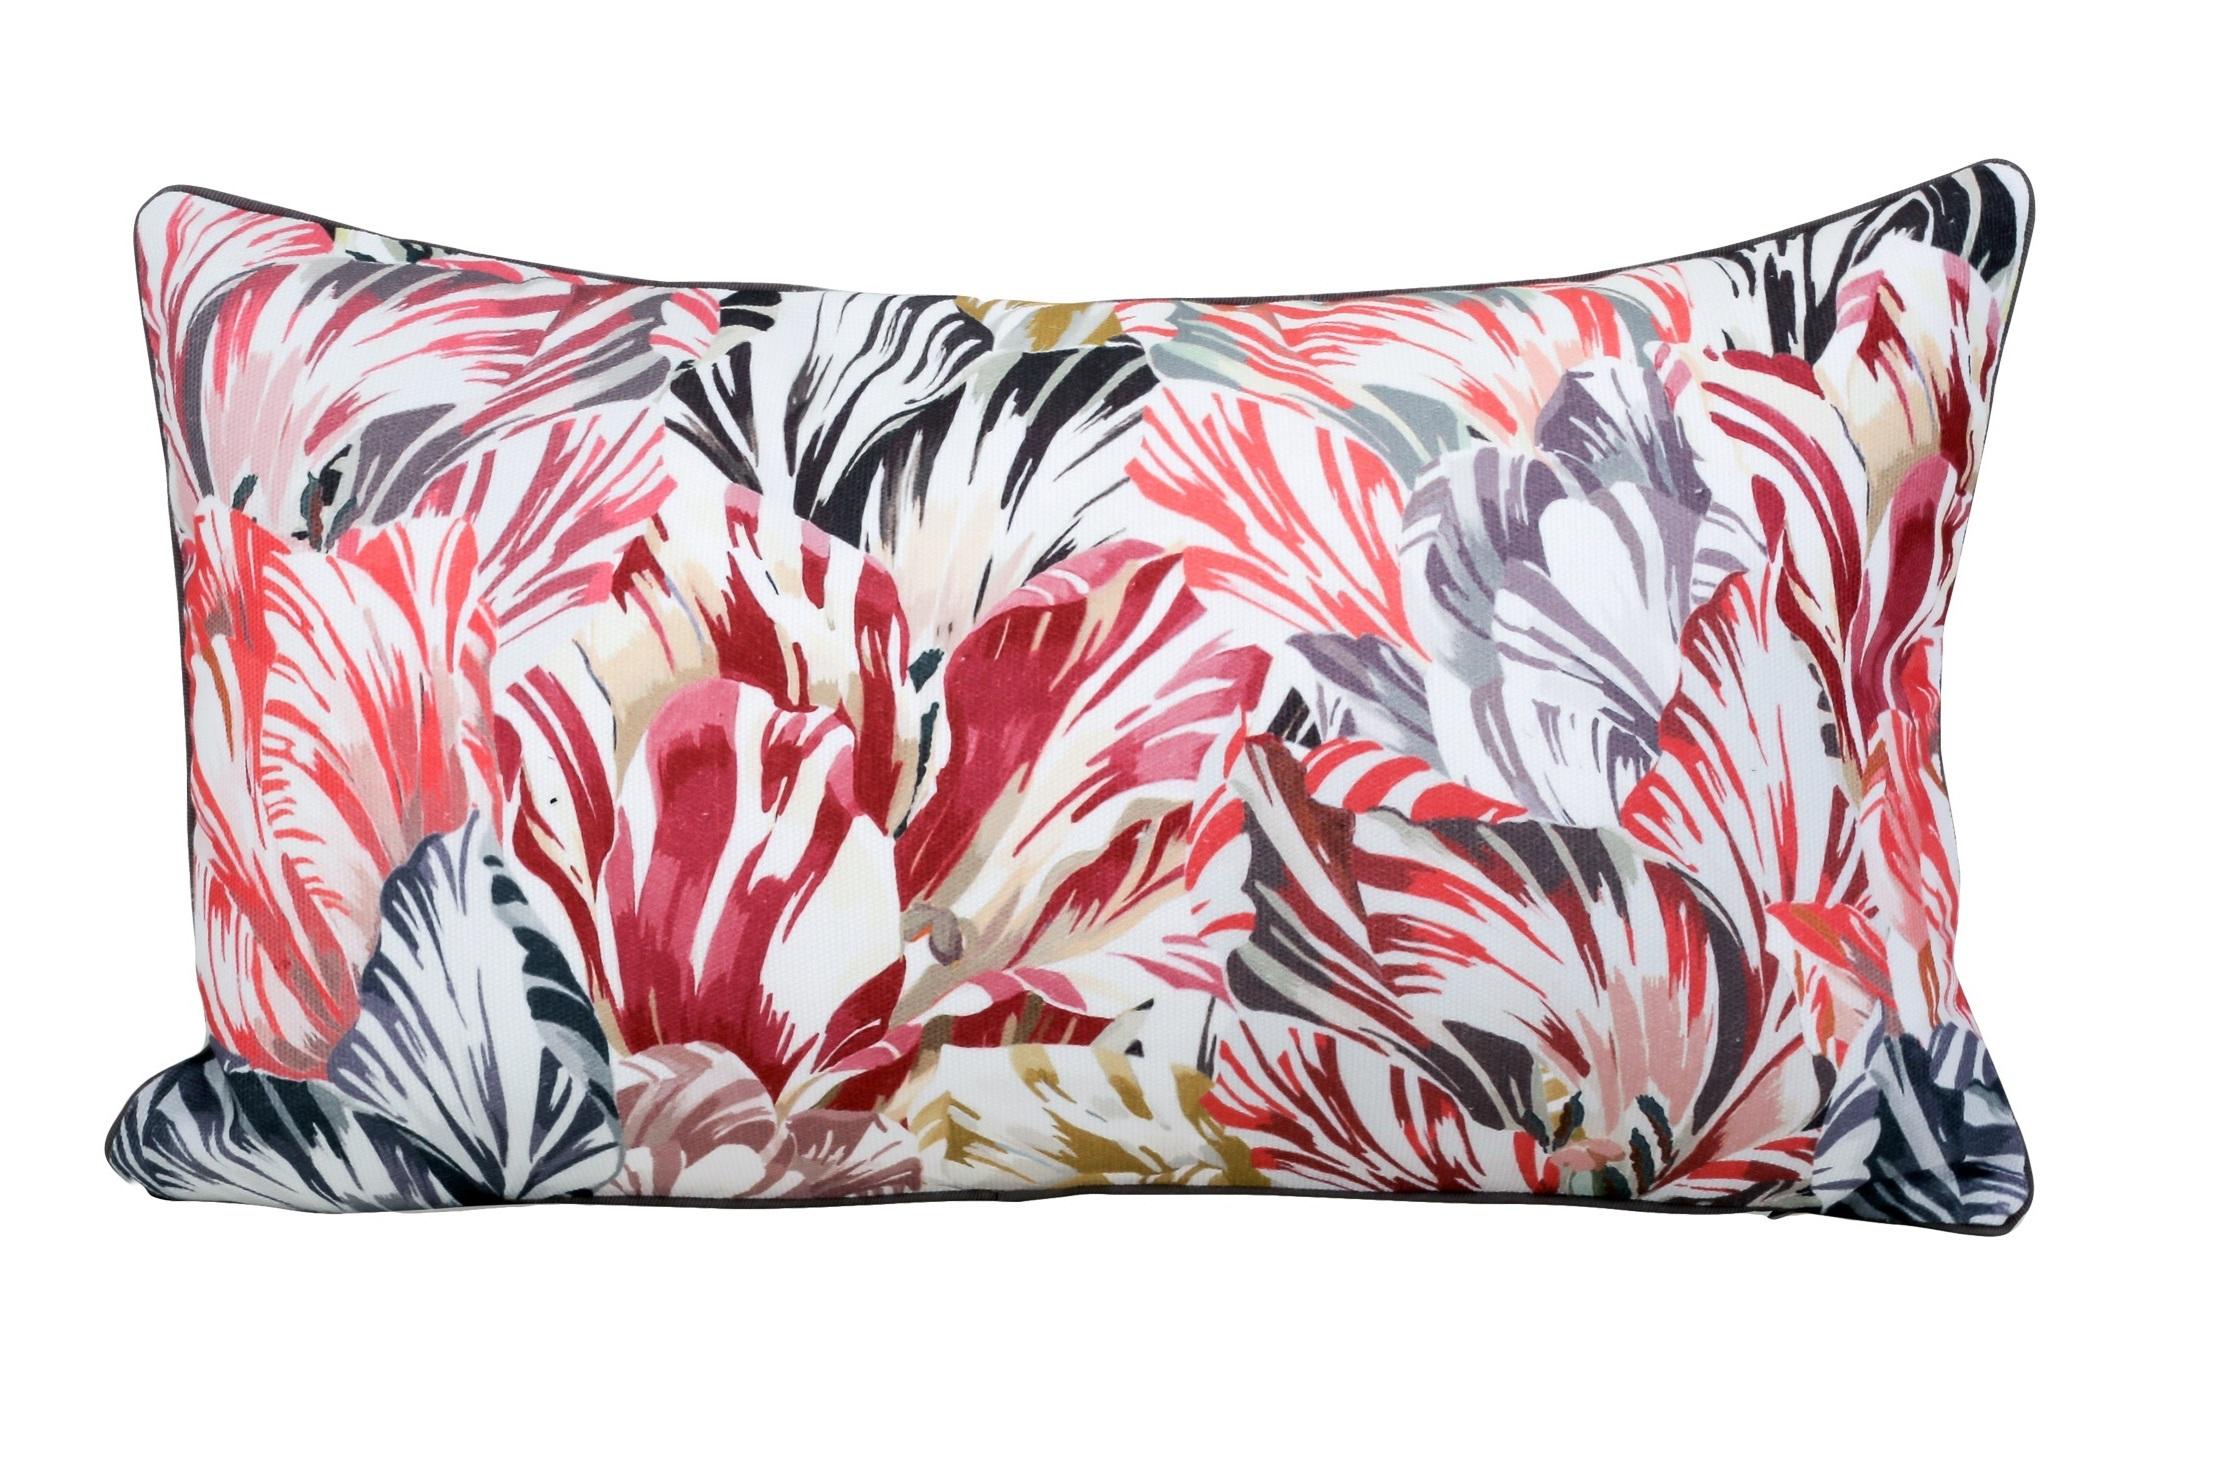 ПодушкаПрямоугольные подушки и наволочки<br>Декоративные чехлы для подушек.<br><br>Material: Текстиль<br>Width см: 57<br>Height см: 33